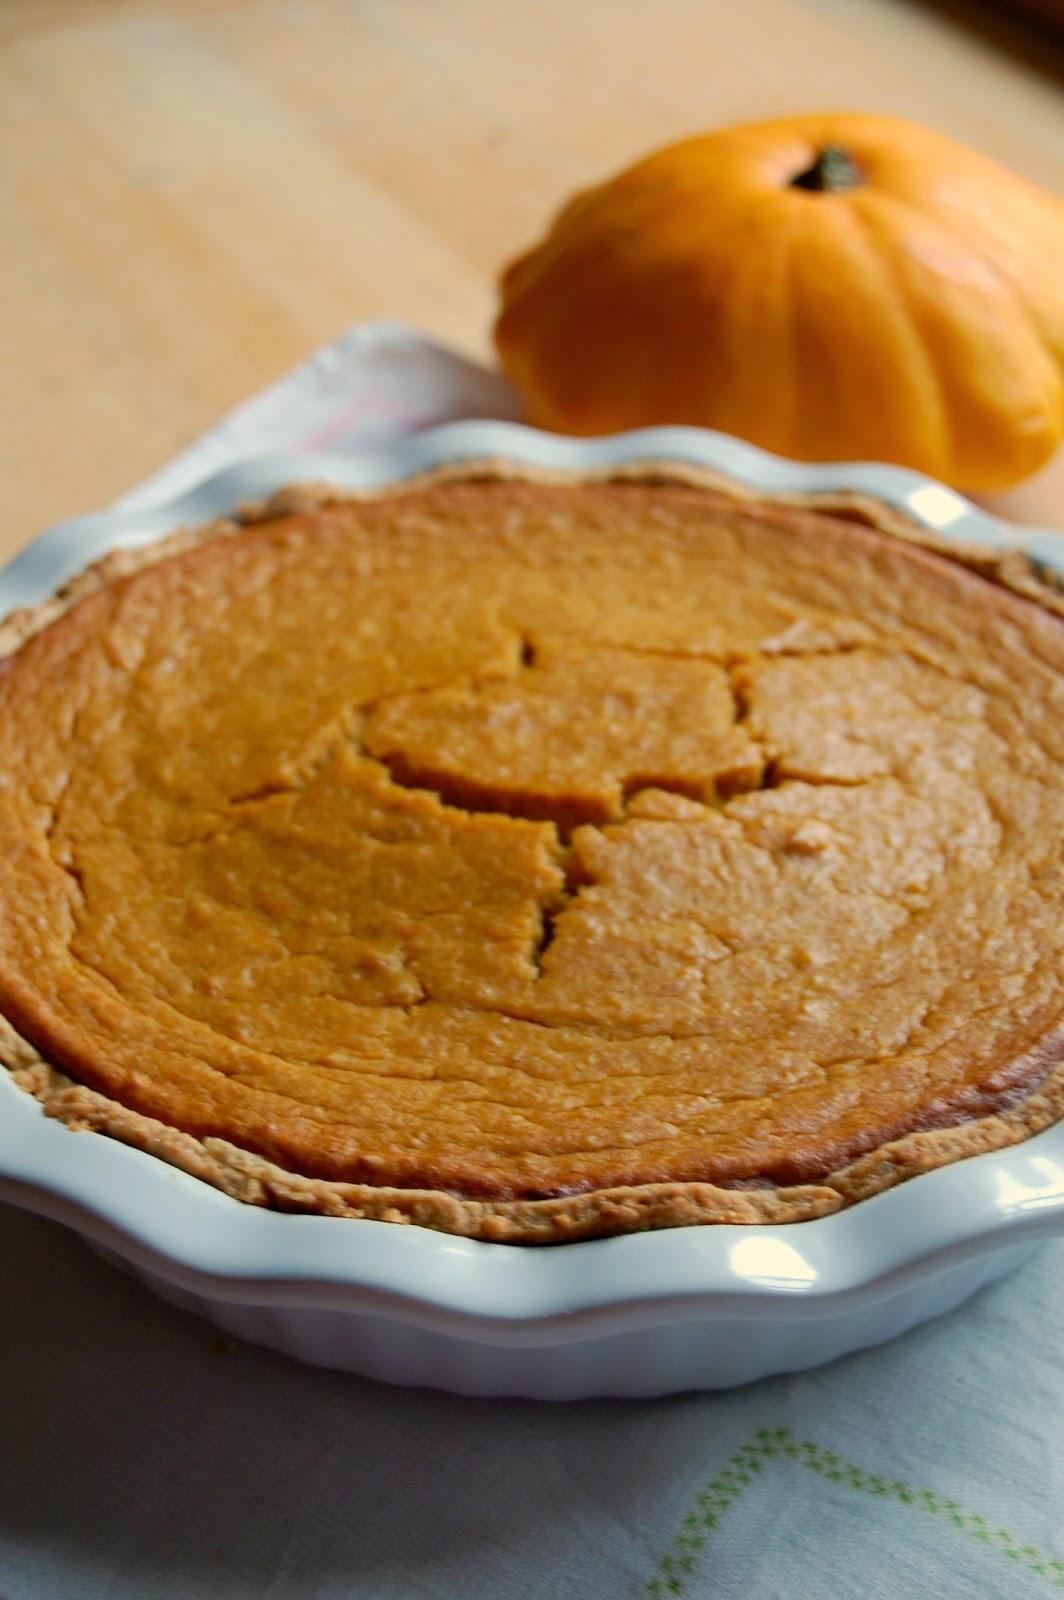 Pumpkin pie, Pie, Pumpkin, Pumpkinspice, Cake, Kuchen, Kürbiskuchen, Kürbis, Herbst, Autumn, Baking, Bakery, Backen, Foodblogger, Kipferl und Krapferl